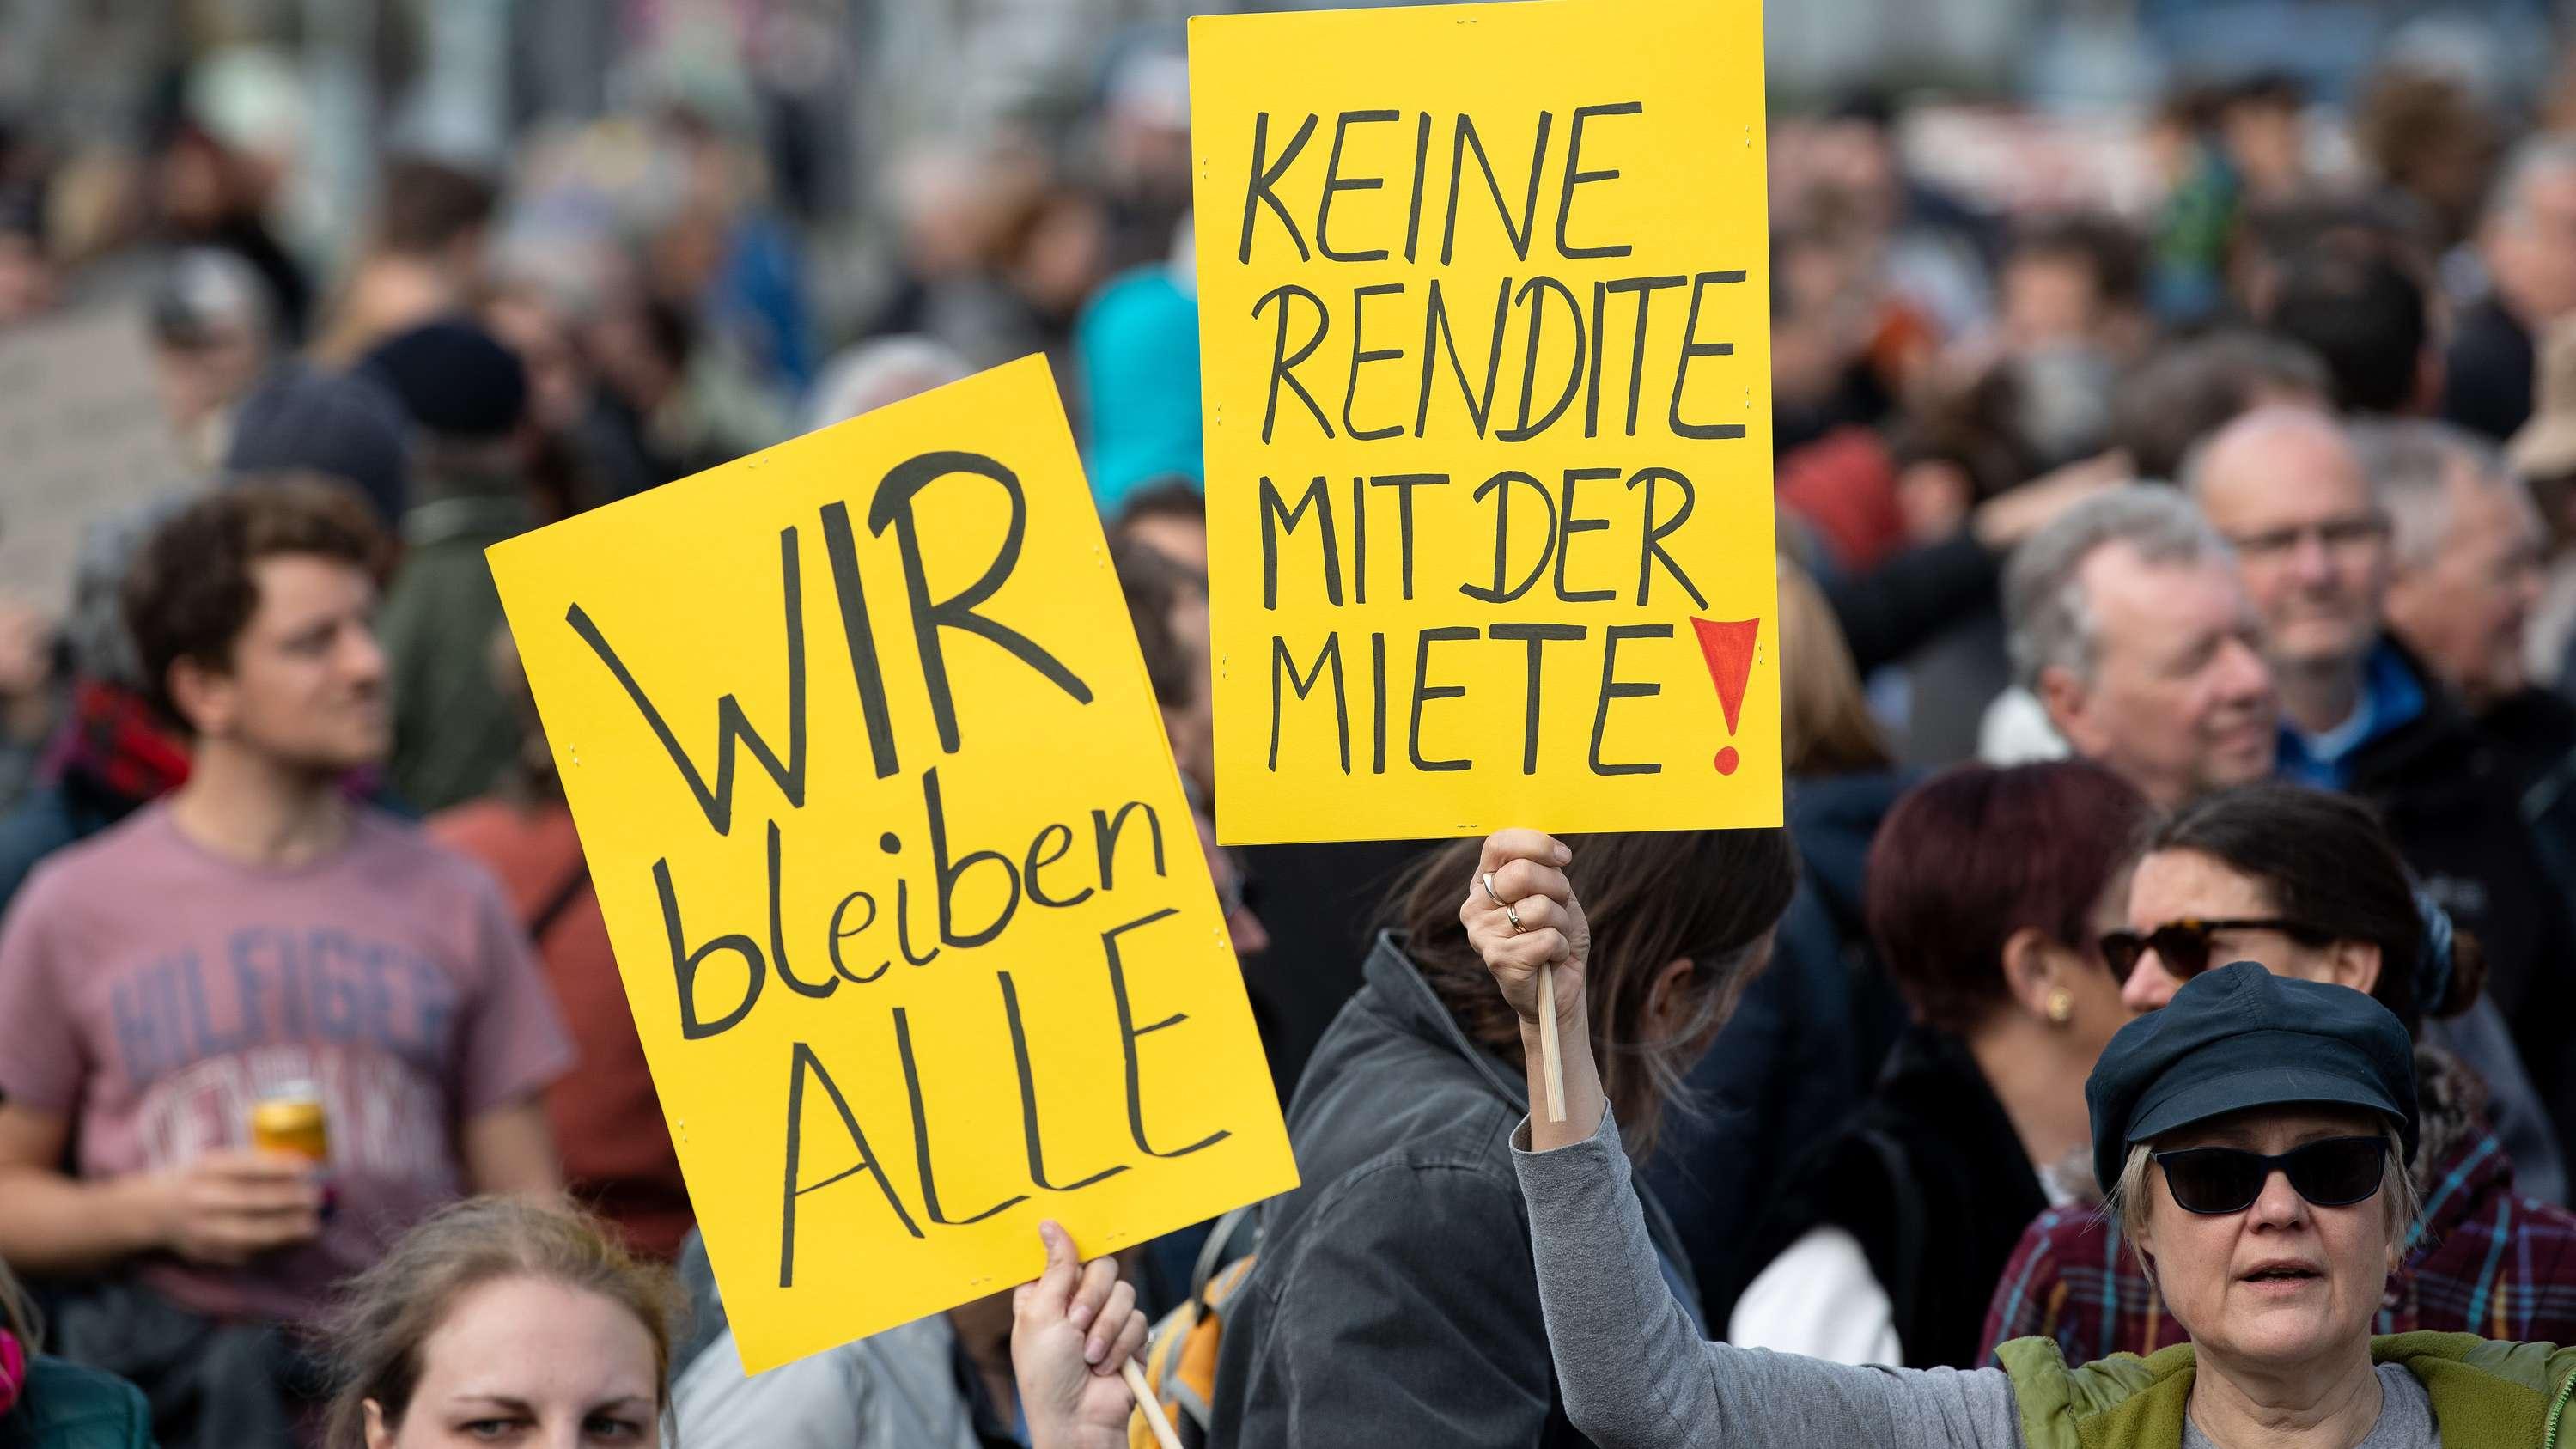 """Demonstranten halten in München Plakate mit der Aufschrift """"Wir bleiben Alle"""" und """"Keine Rendite mit der Miete"""" und protestieren damit gegen steigende Mieten"""